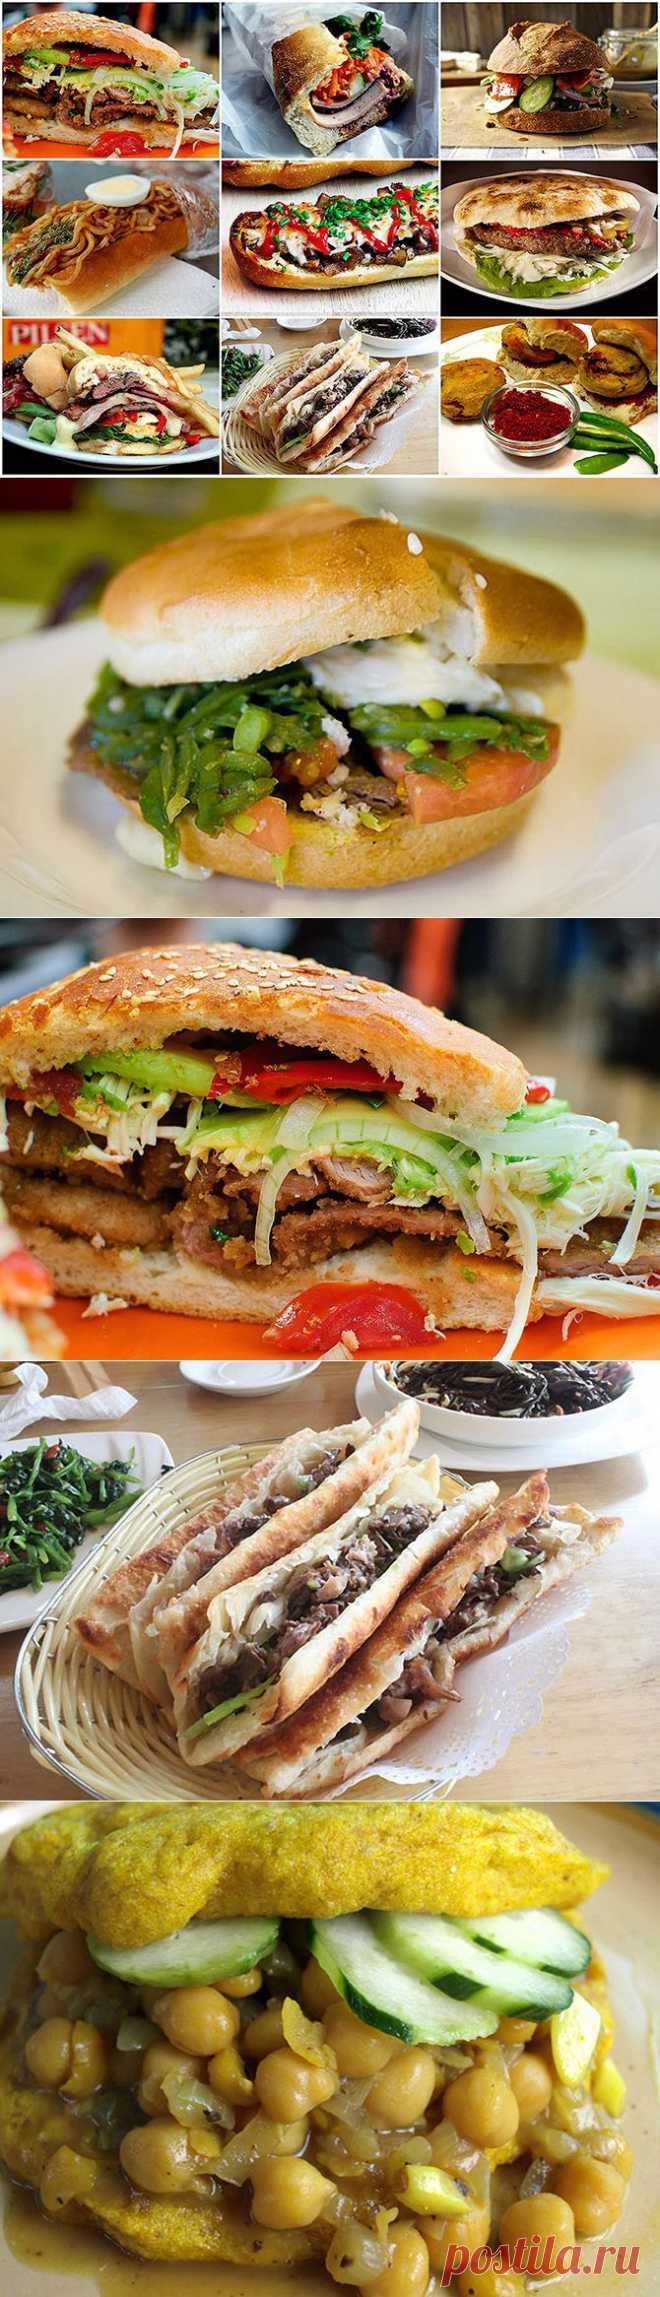 Вокруг света с бутербродами   Fresher - Лучшее из Рунета за день